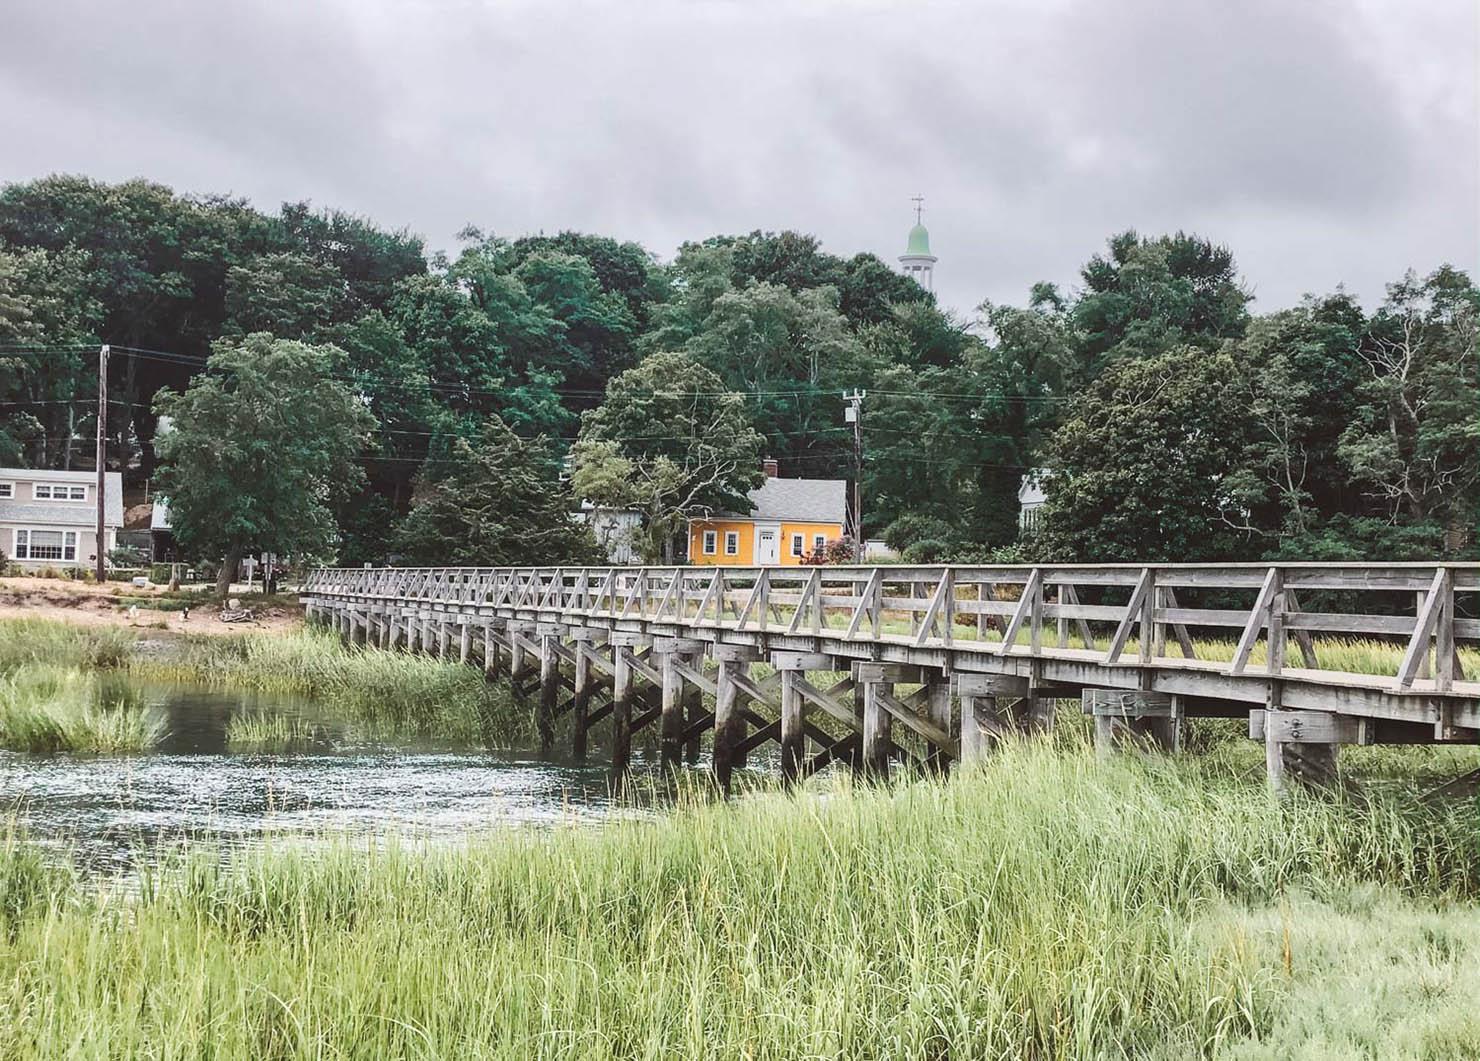 Uncle Tim s Island in Wellfleet